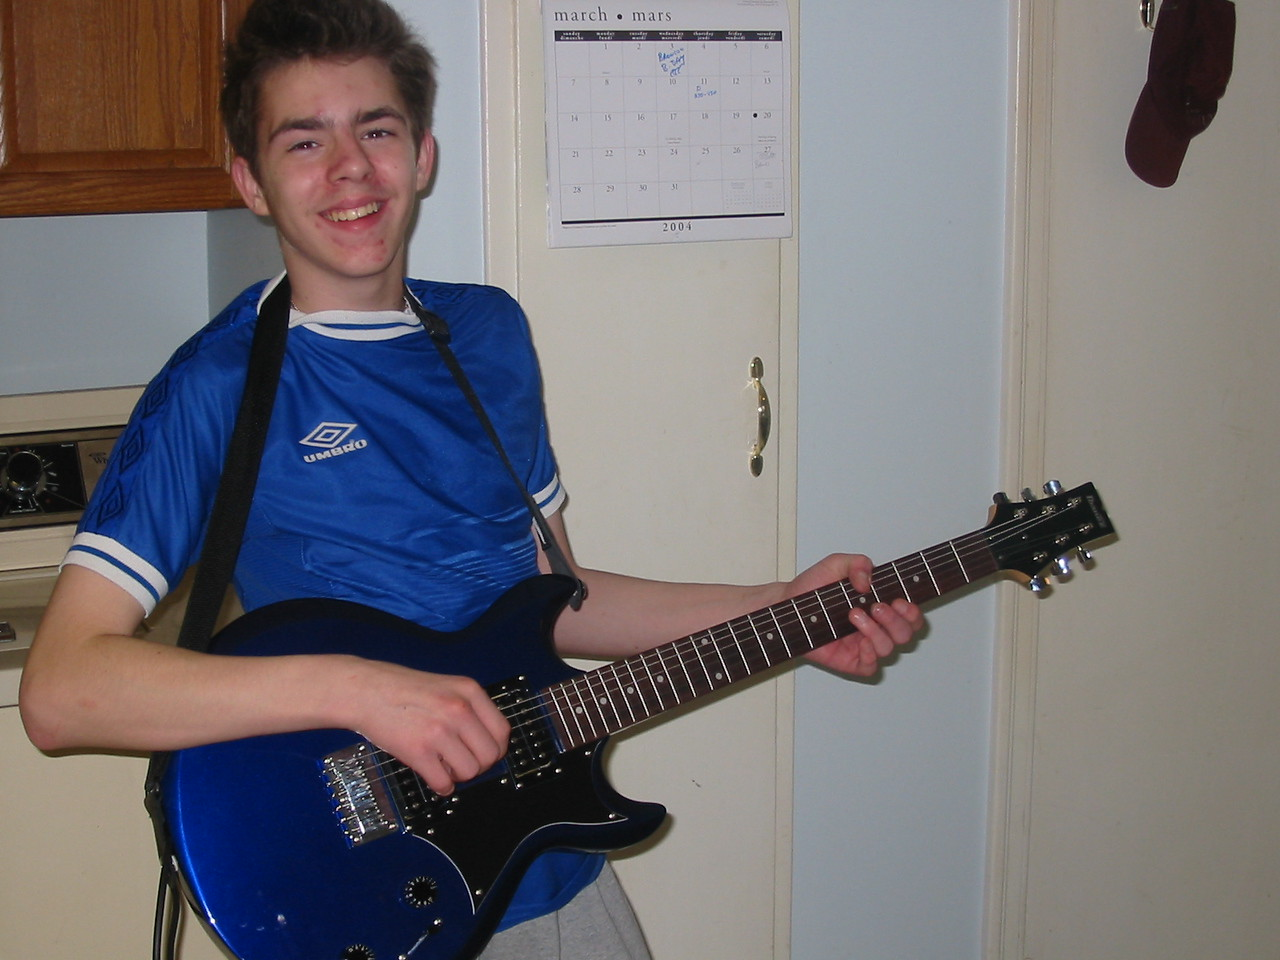 Bronson at 15